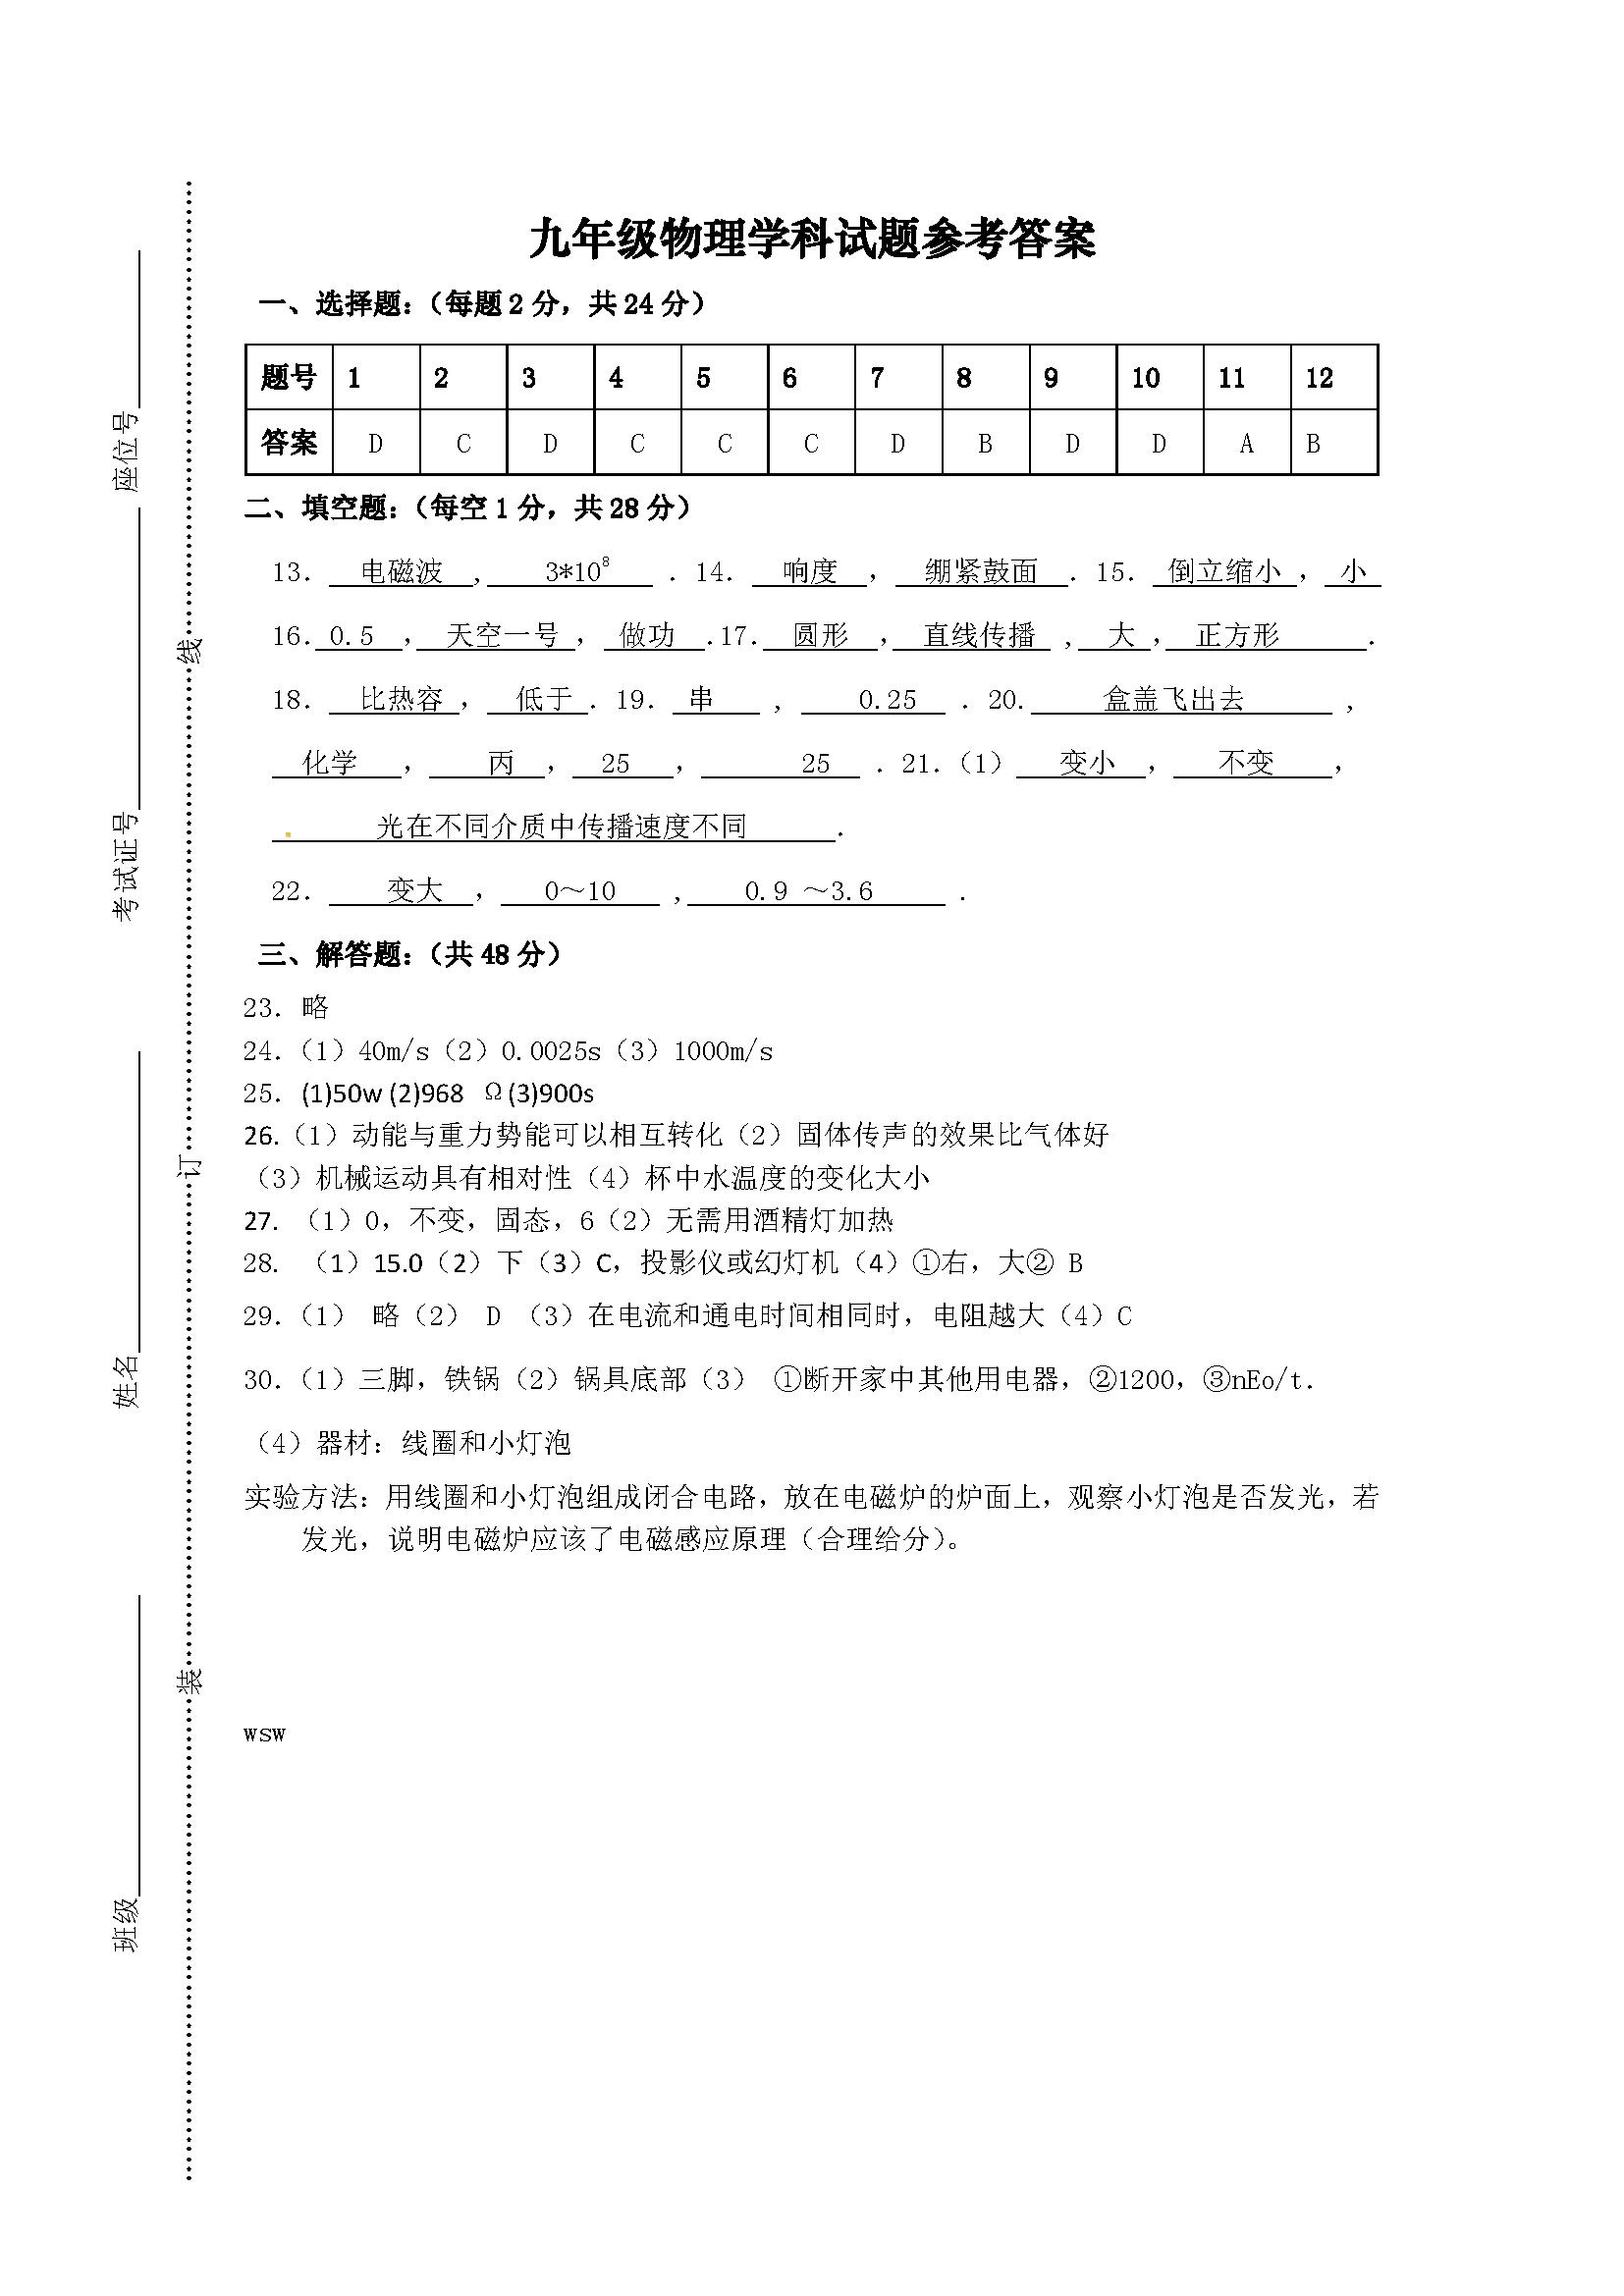 江苏江都第三中学2017九年级下第一次月考物理试题答案(图片版)